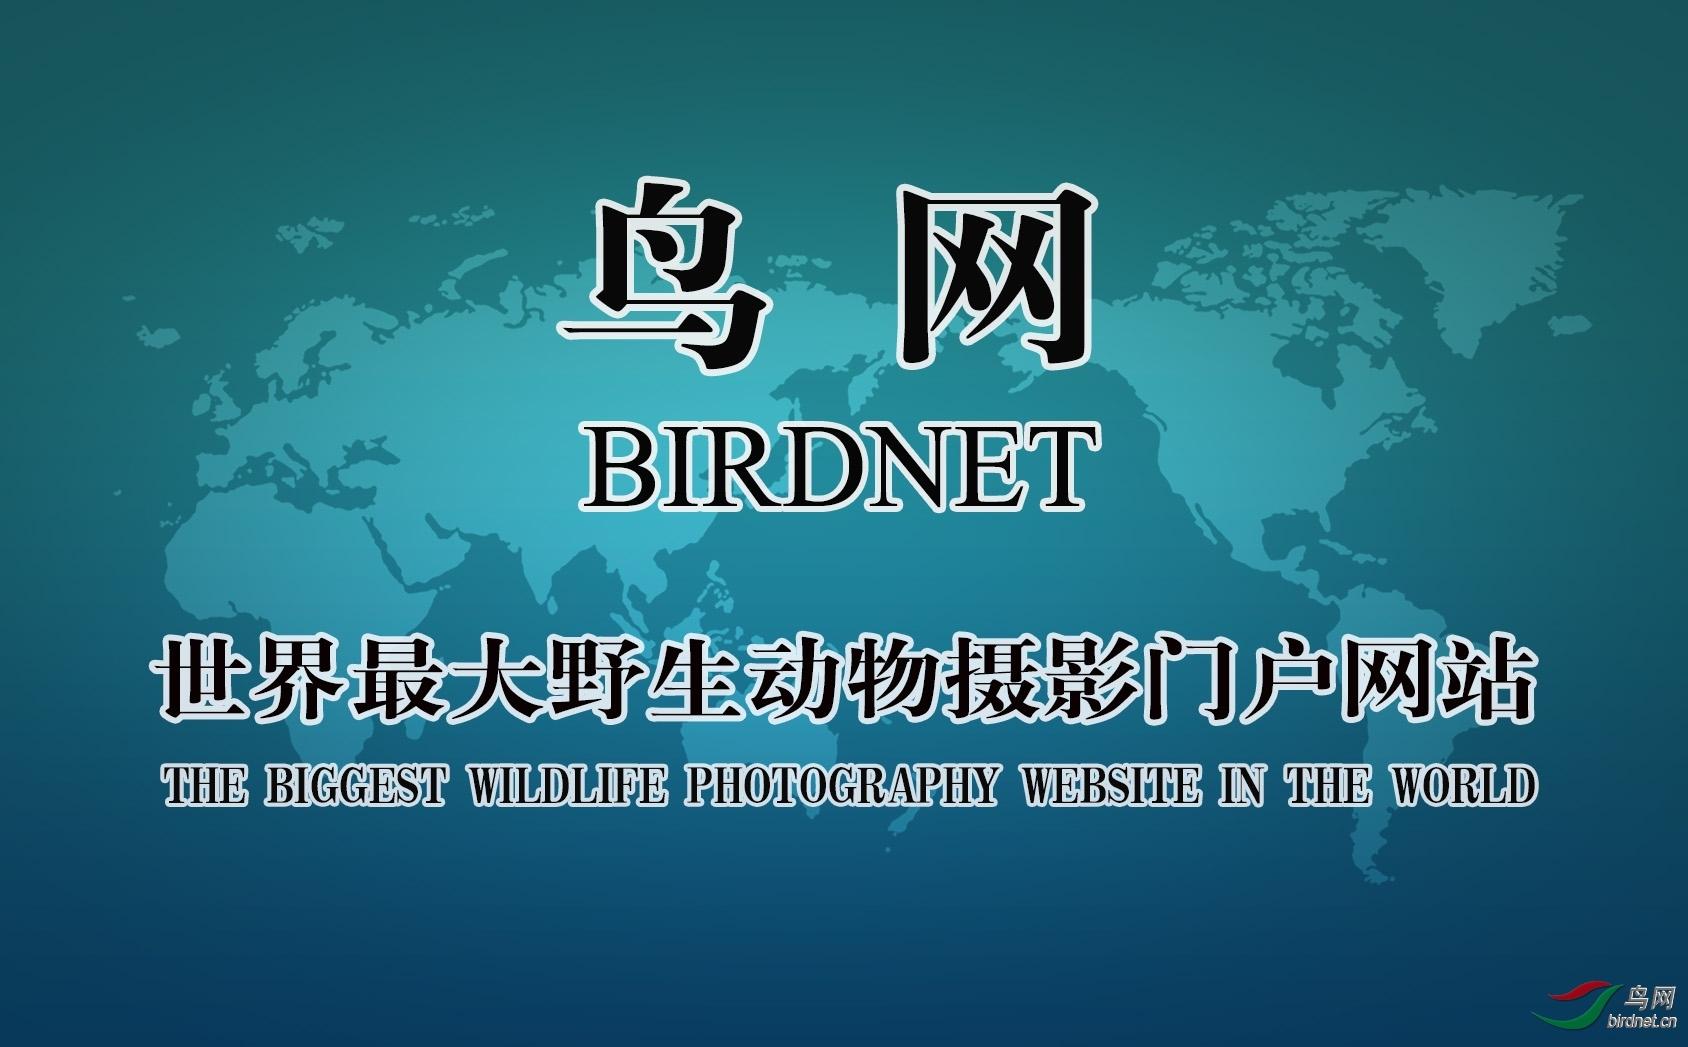 鸟网背景墙.jpg